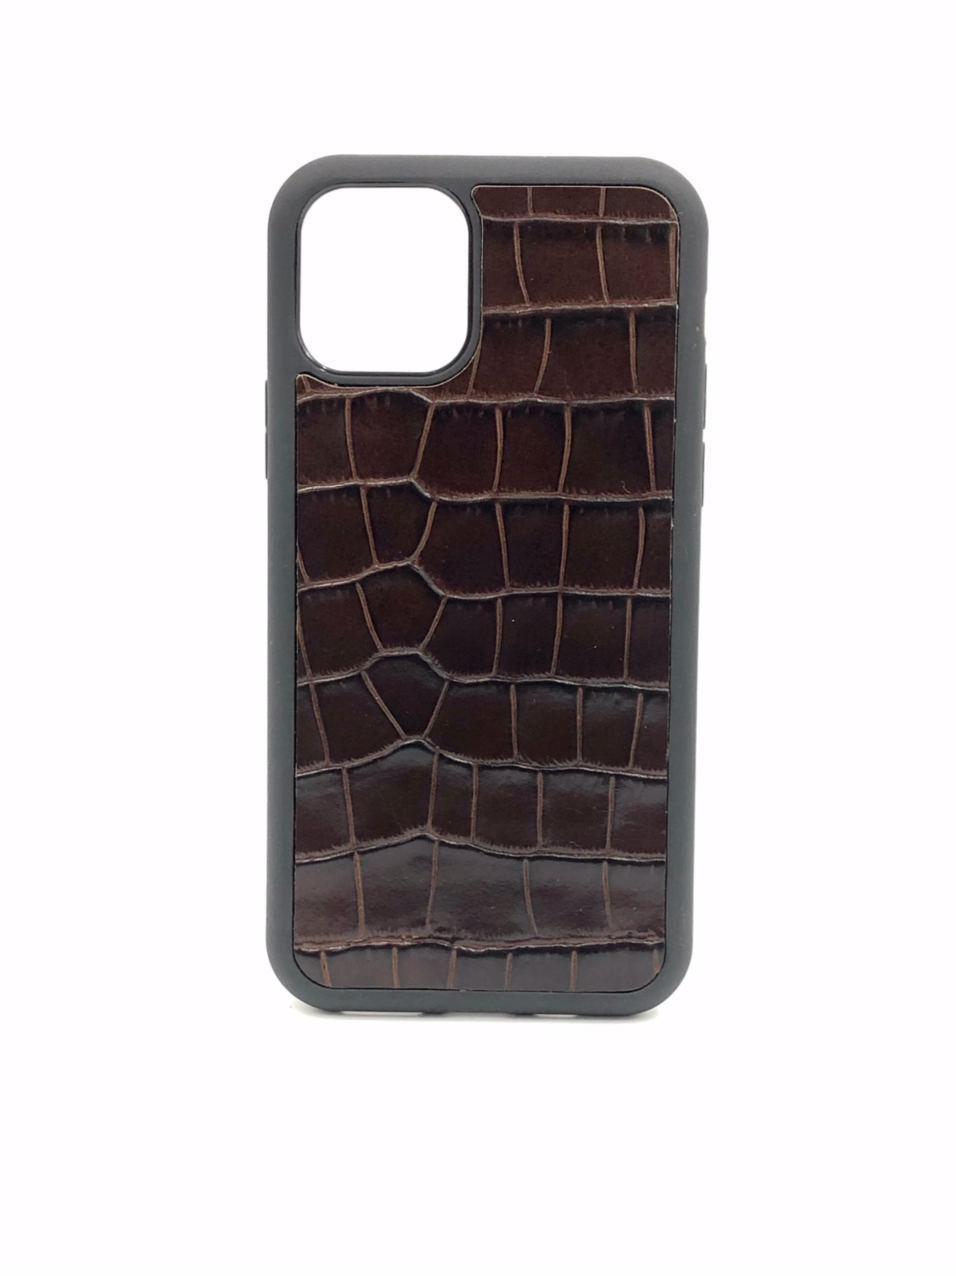 Чехол для iPhone 11 тёмно-коричневого цвета из Телячьей кожи тиснёной под Крокодила